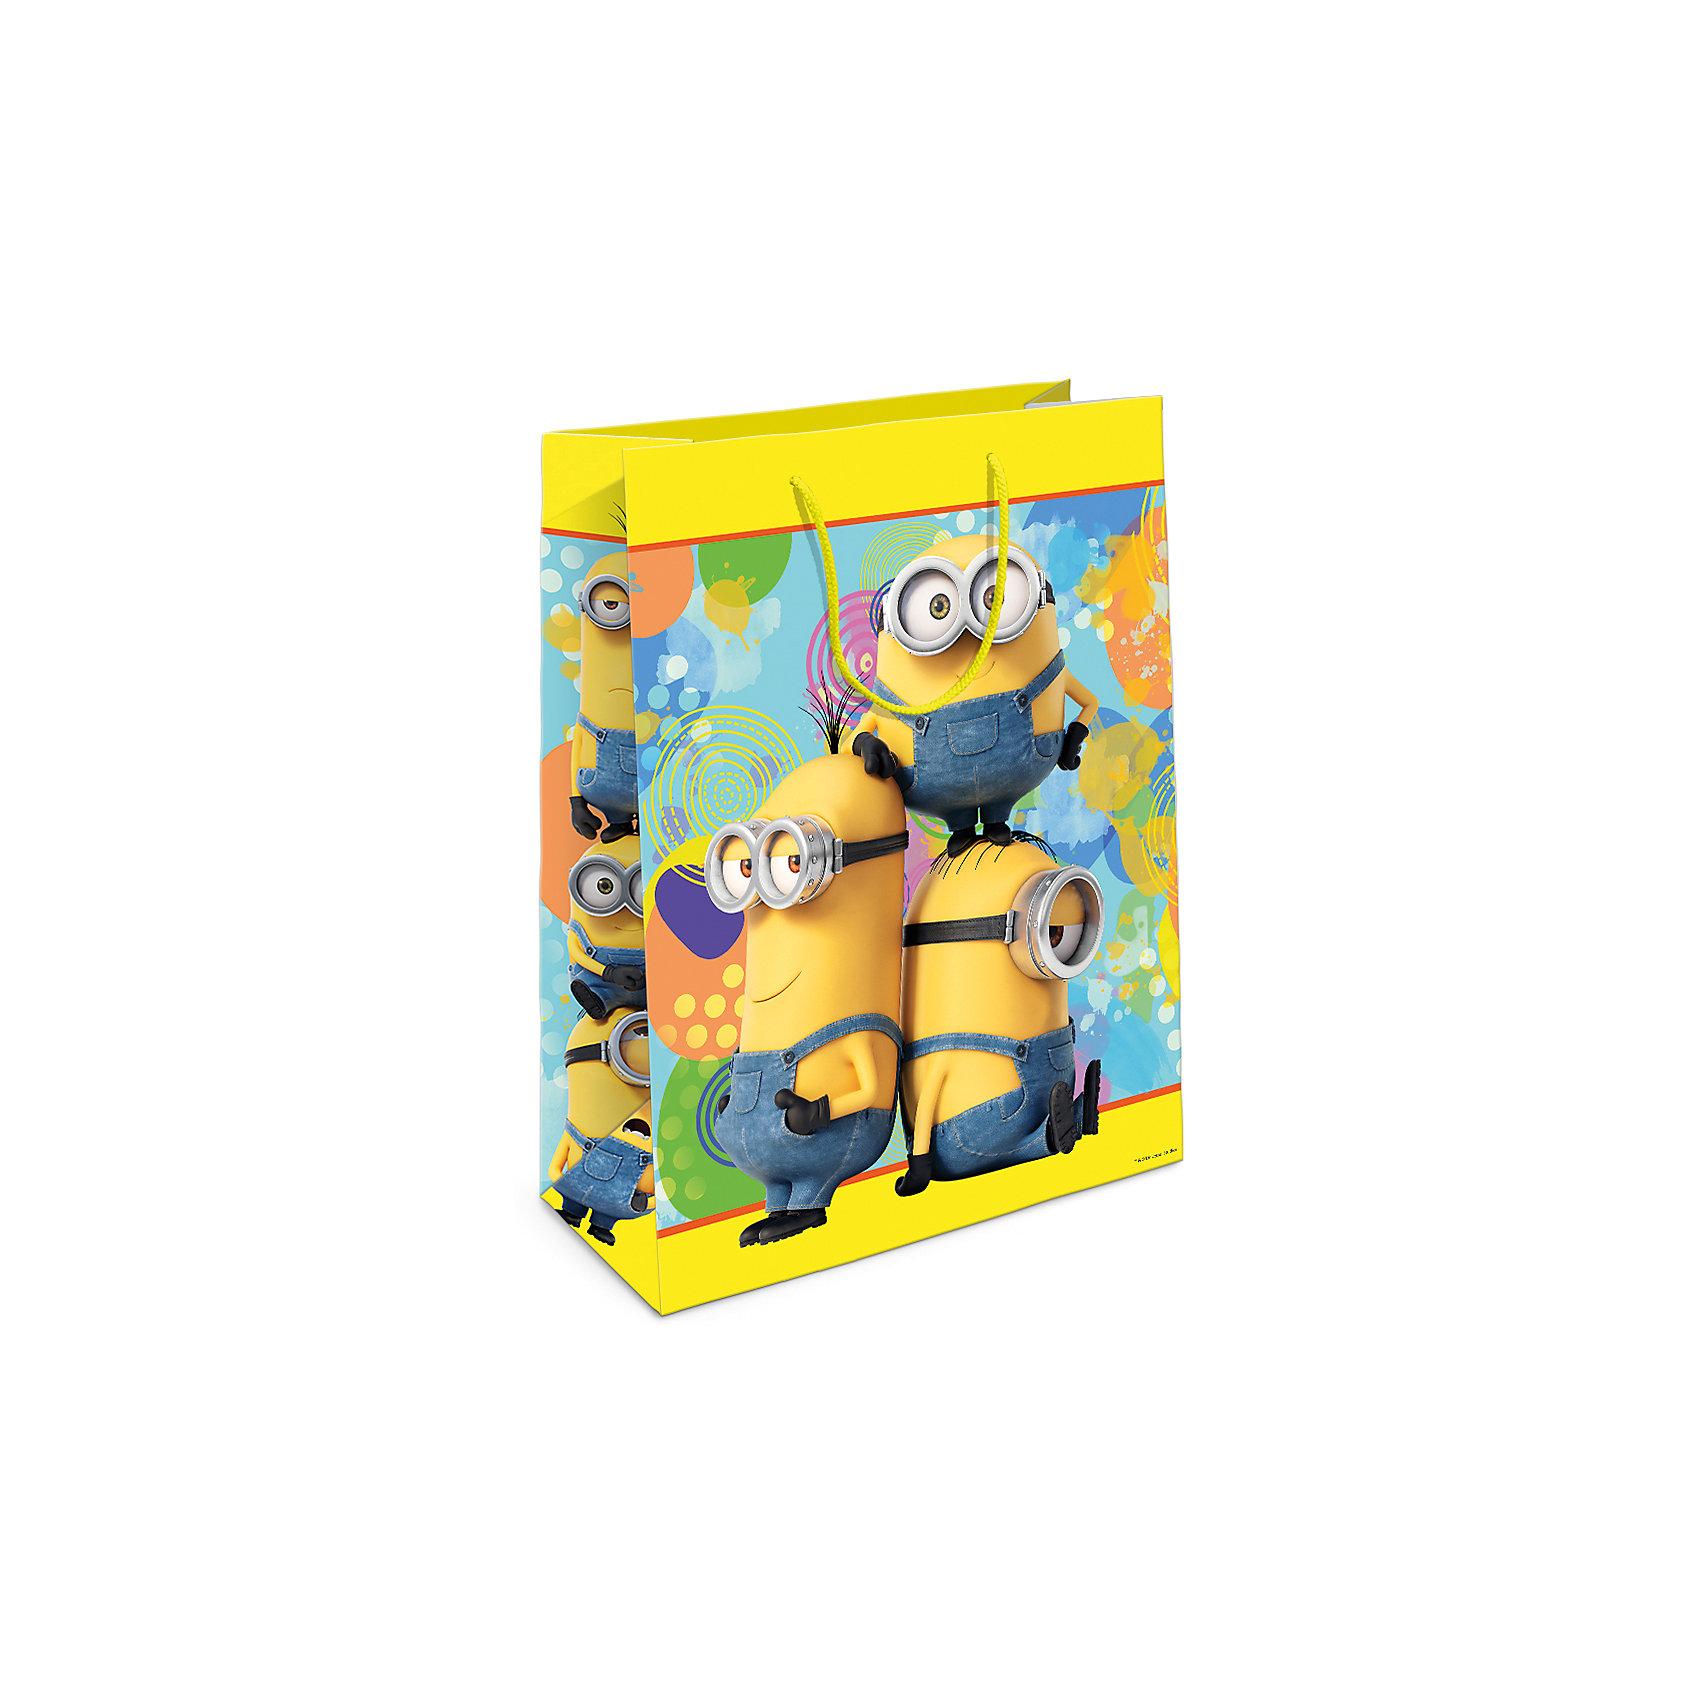 Росмэн Пакет подарочный Миньоны, желтый, 350*250*90 товары для праздника olala пакет подарочный миньон король 350 х 250 х 90 см